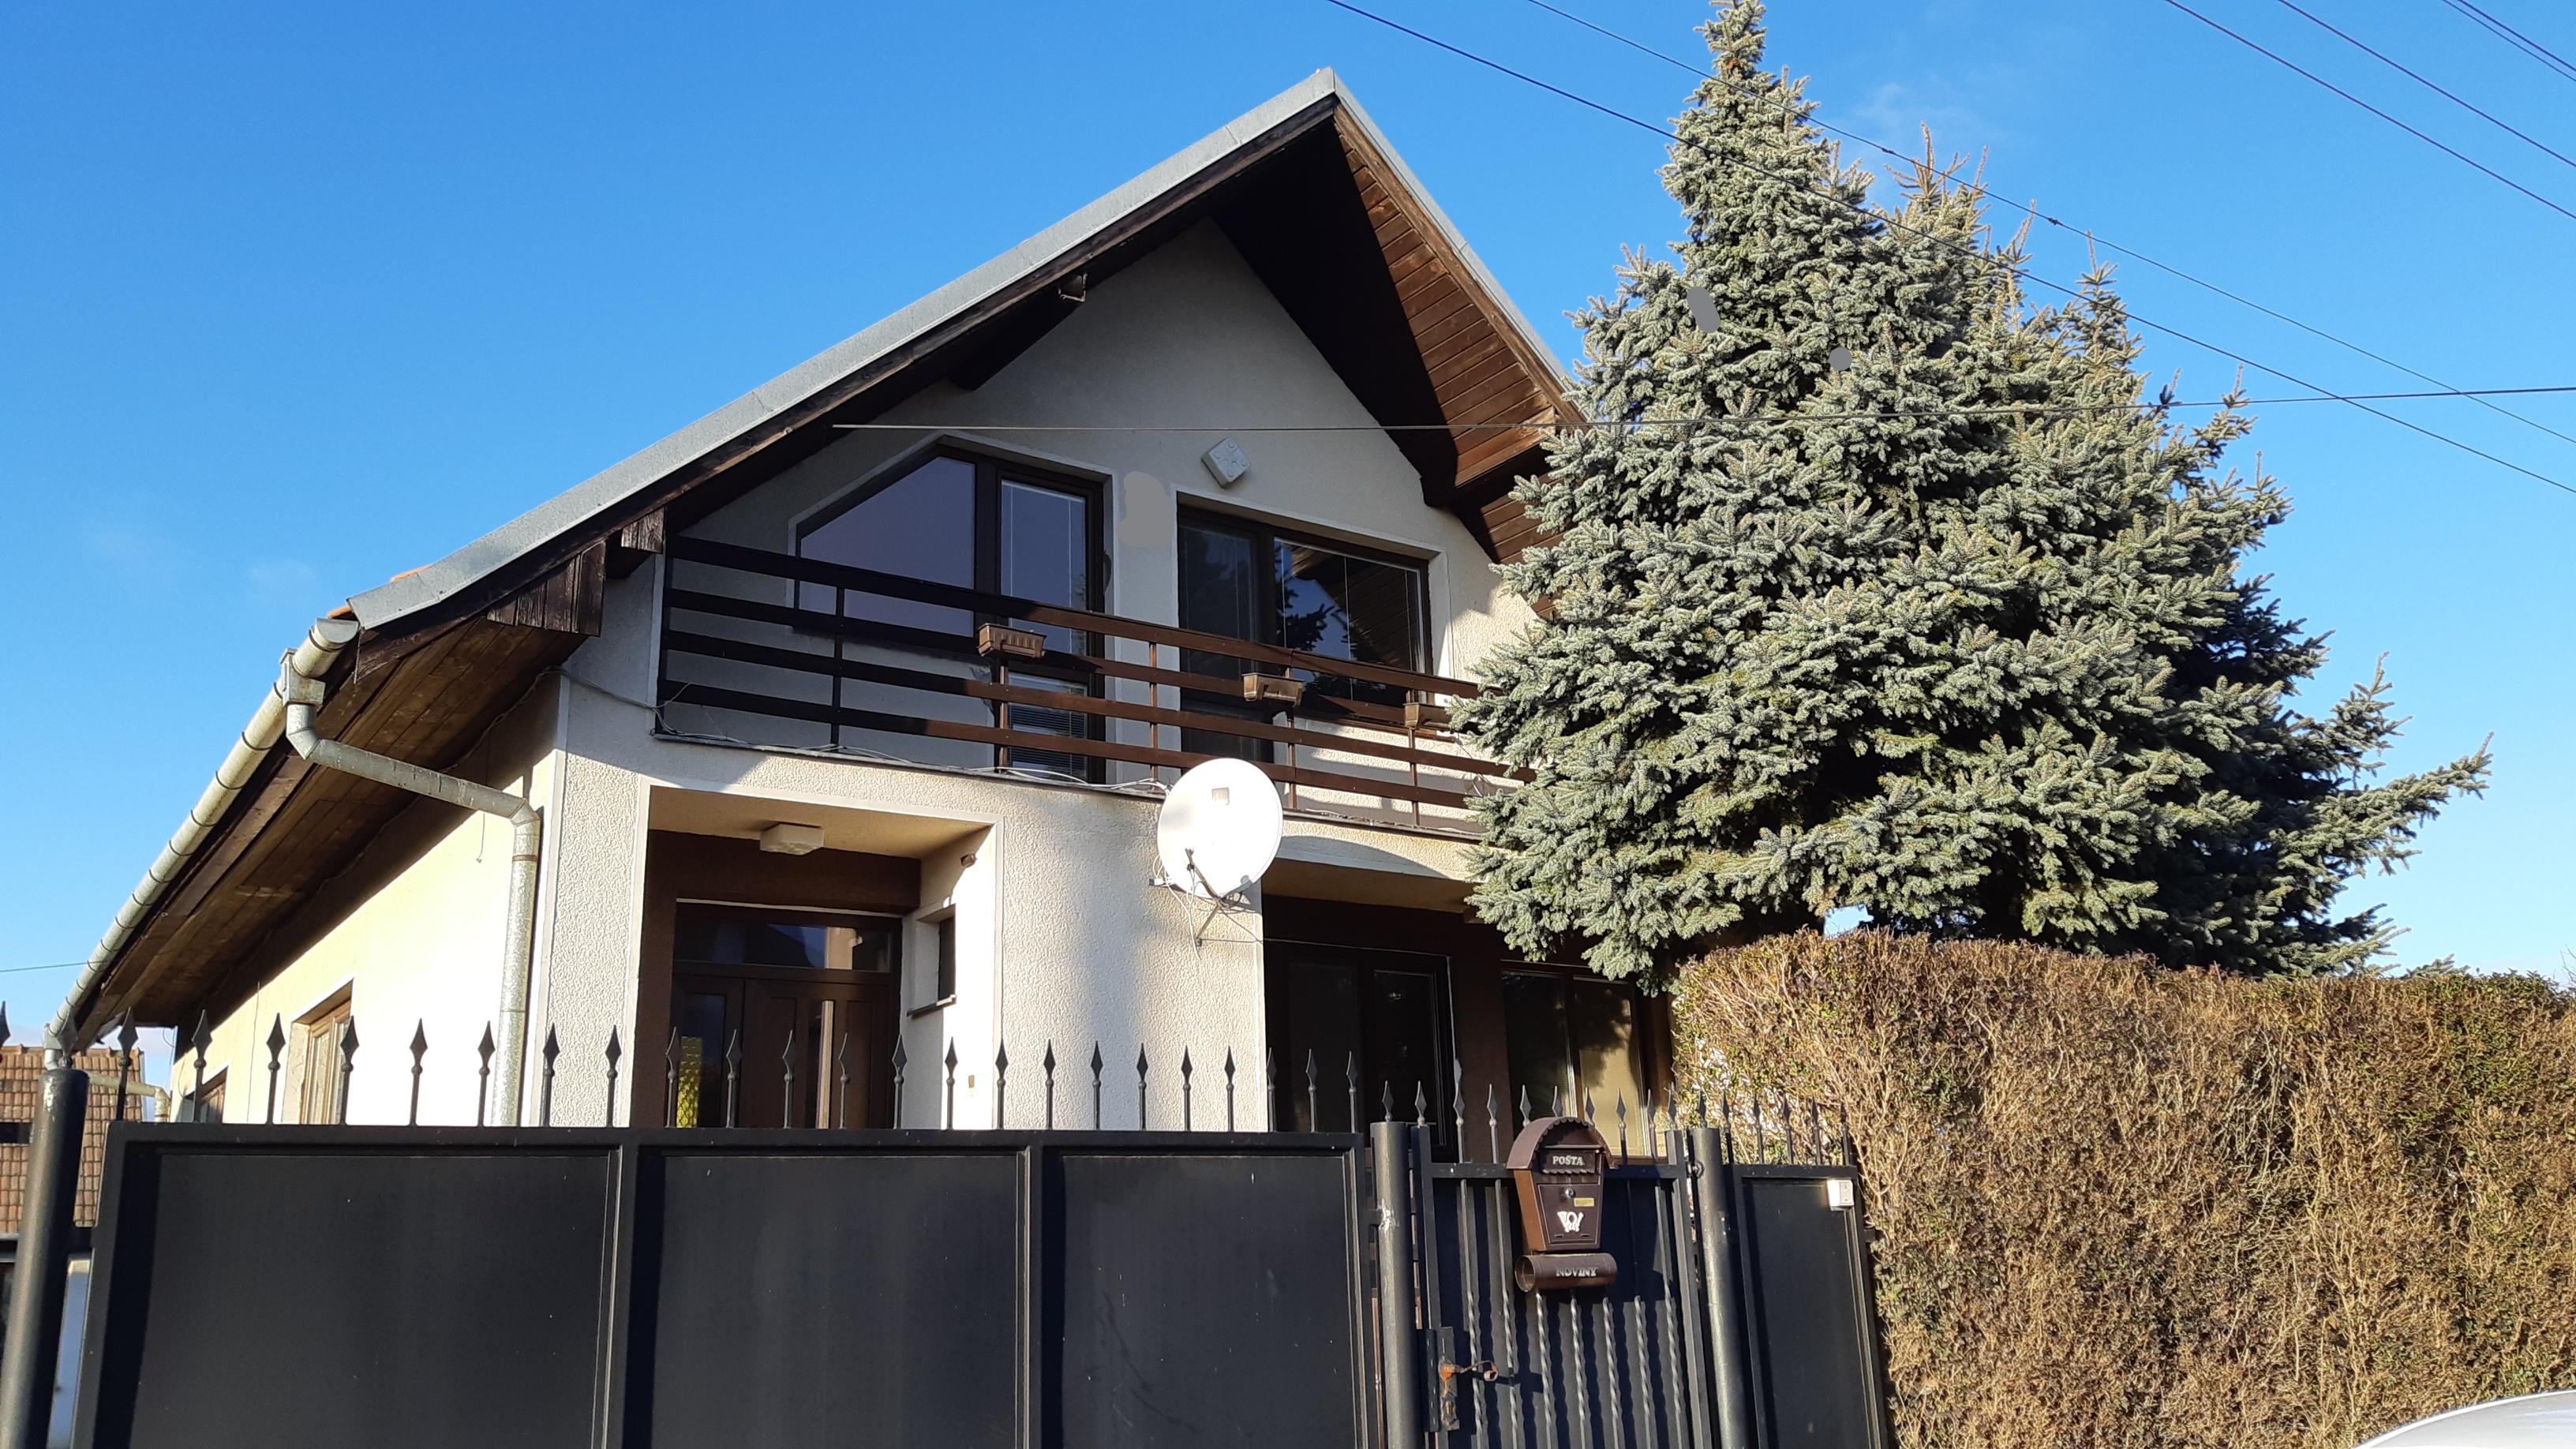 Na prenájom 4-izbový poschodový rodinný dom v obci Jelka